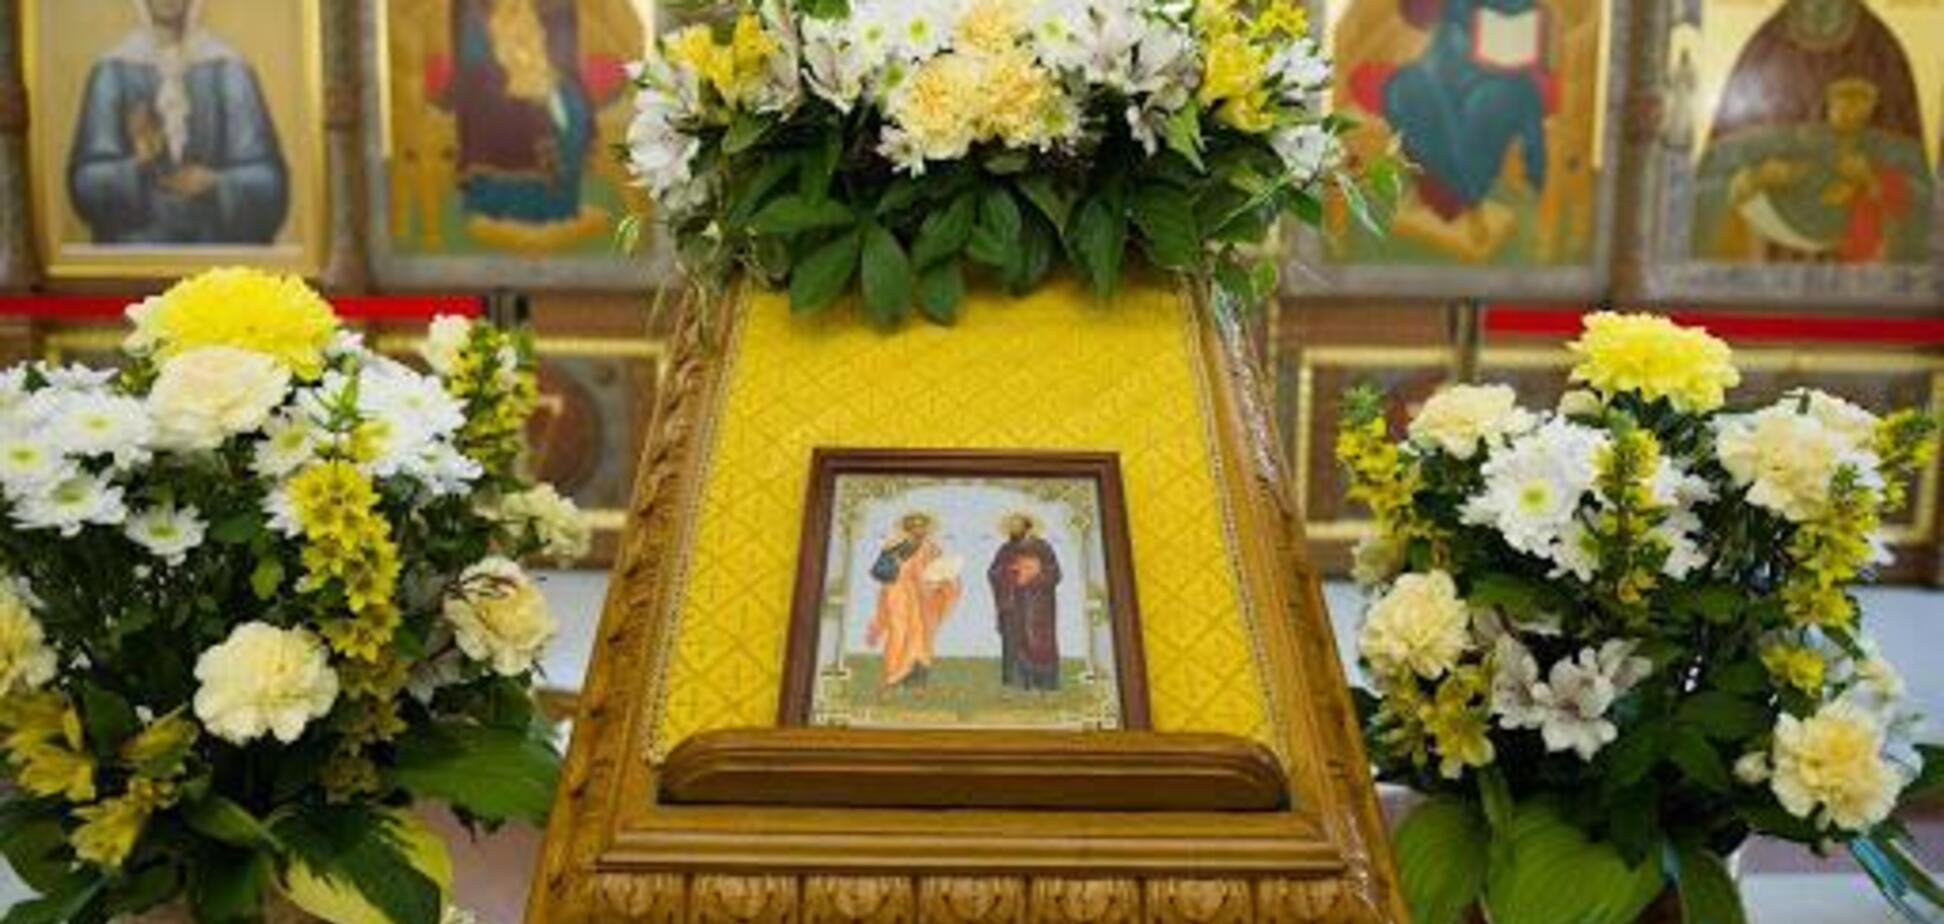 12 липня відзначають День пам'яті святих апостолів Петра і Павла